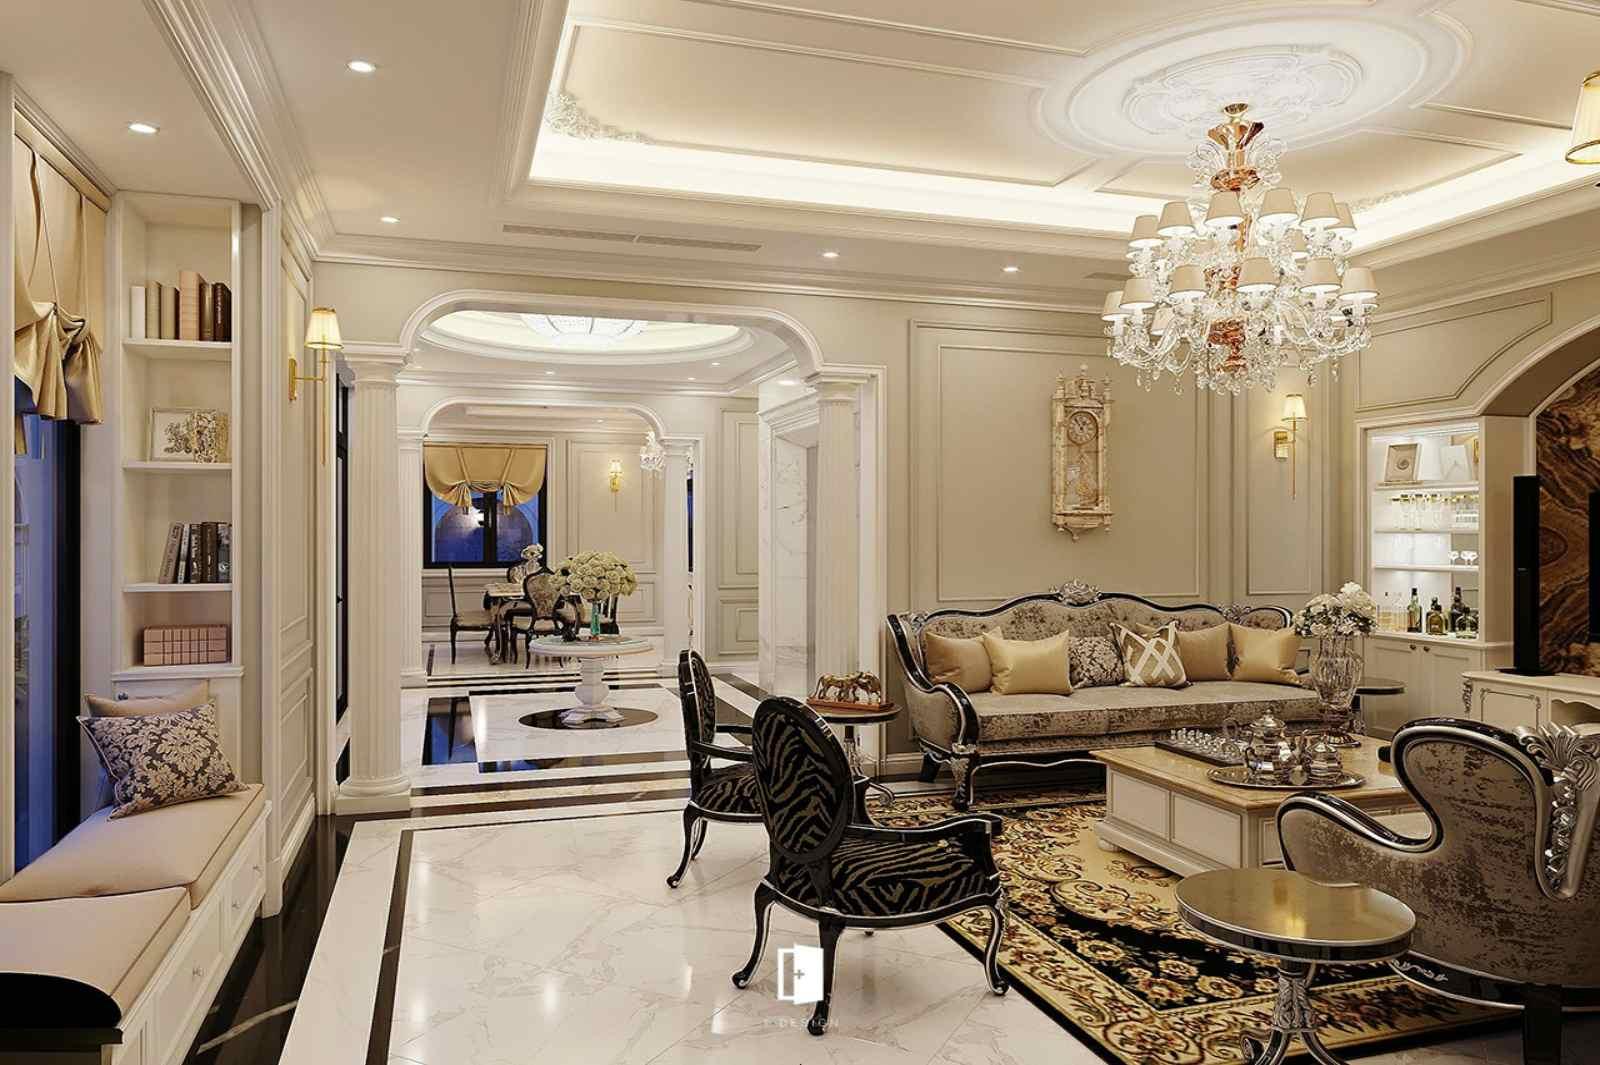 Thiết kế nội thất tân cổ điển Pháp với vẻ đẹp trang nhã hiện đại